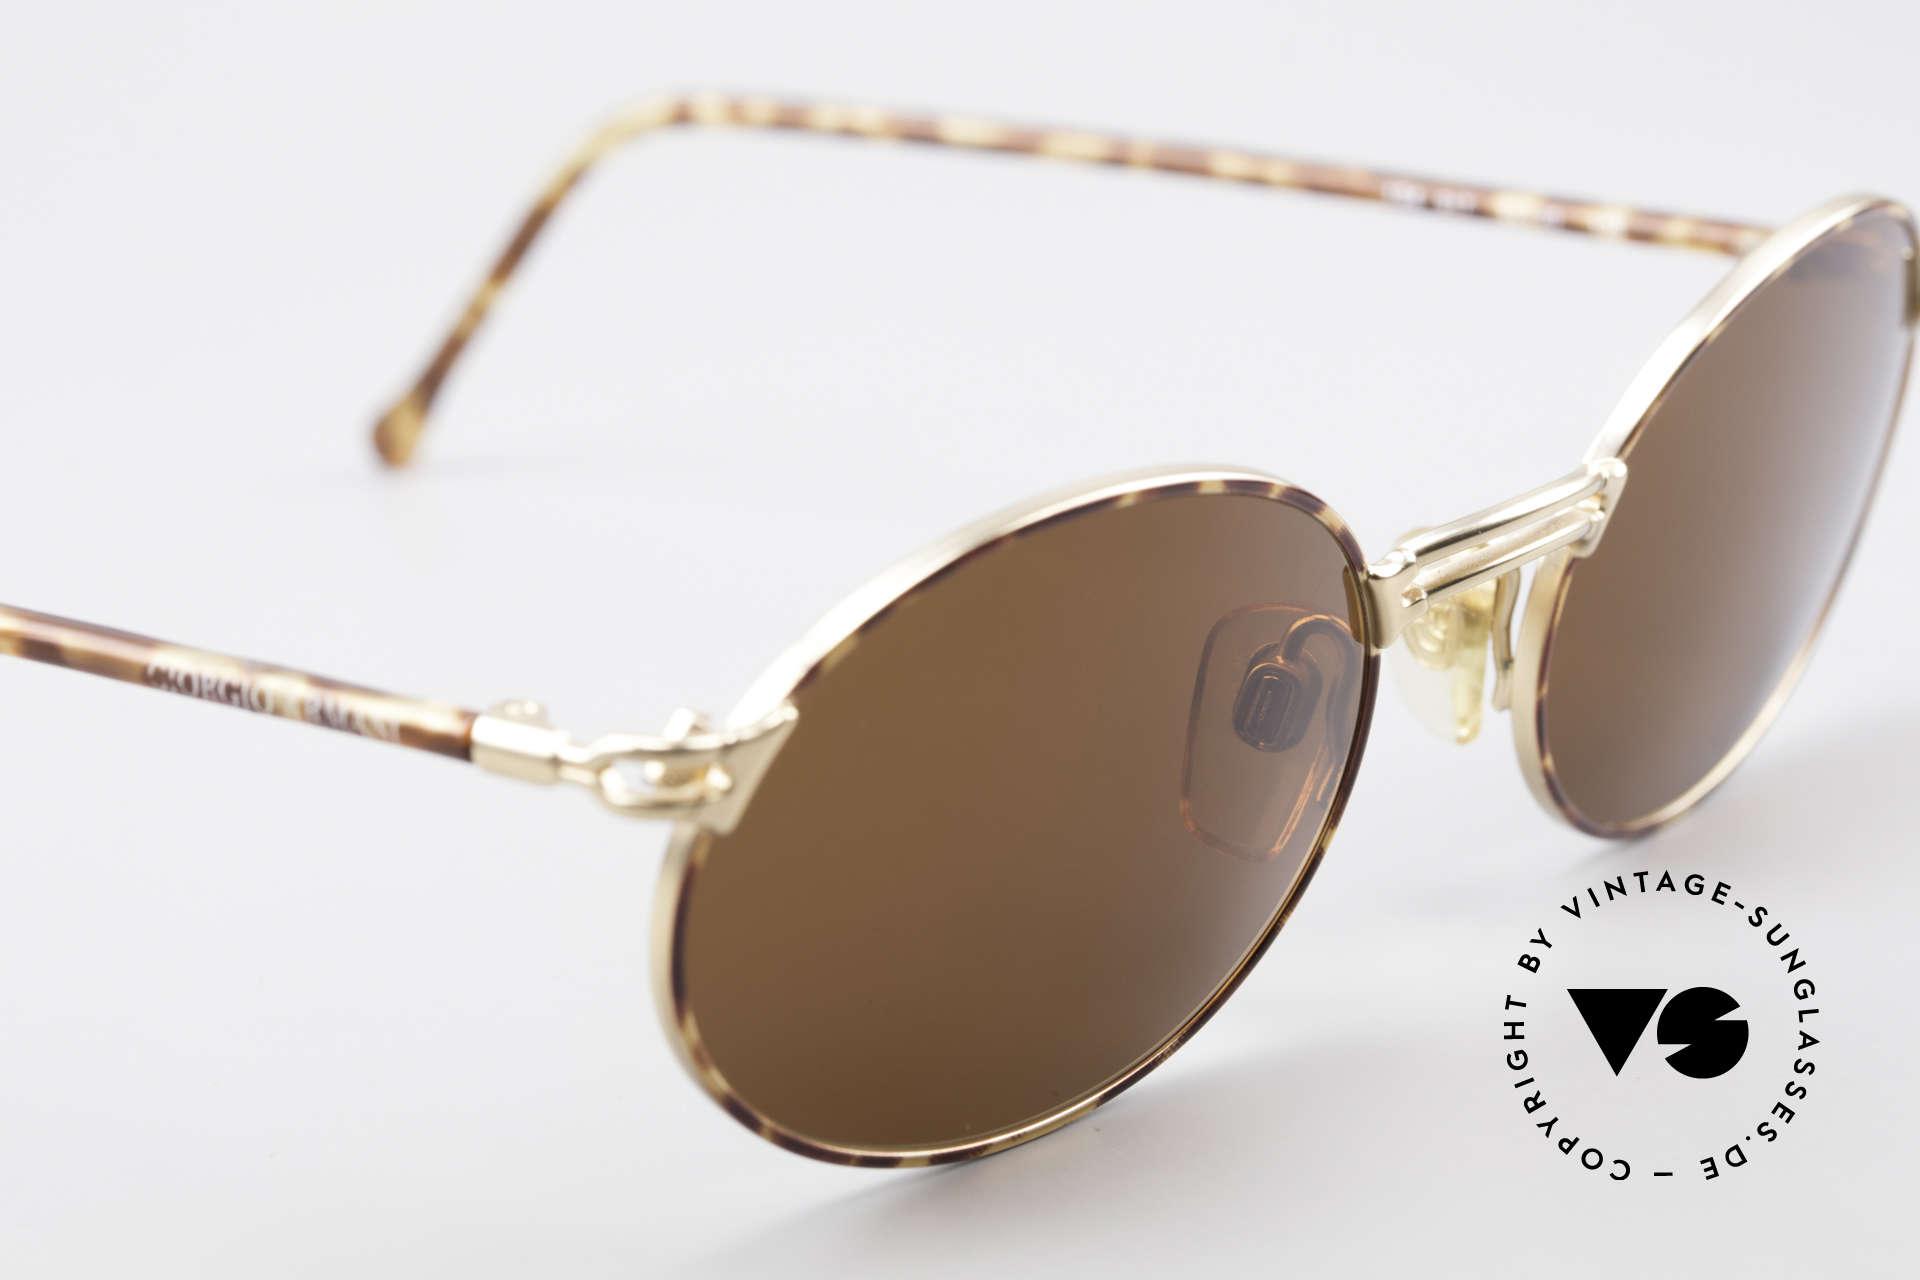 Giorgio Armani 194 Ovale Sonnenbrille No Retro, ungetragen (wie alle unsere vintage Sonnenbrillen), Passend für Herren und Damen